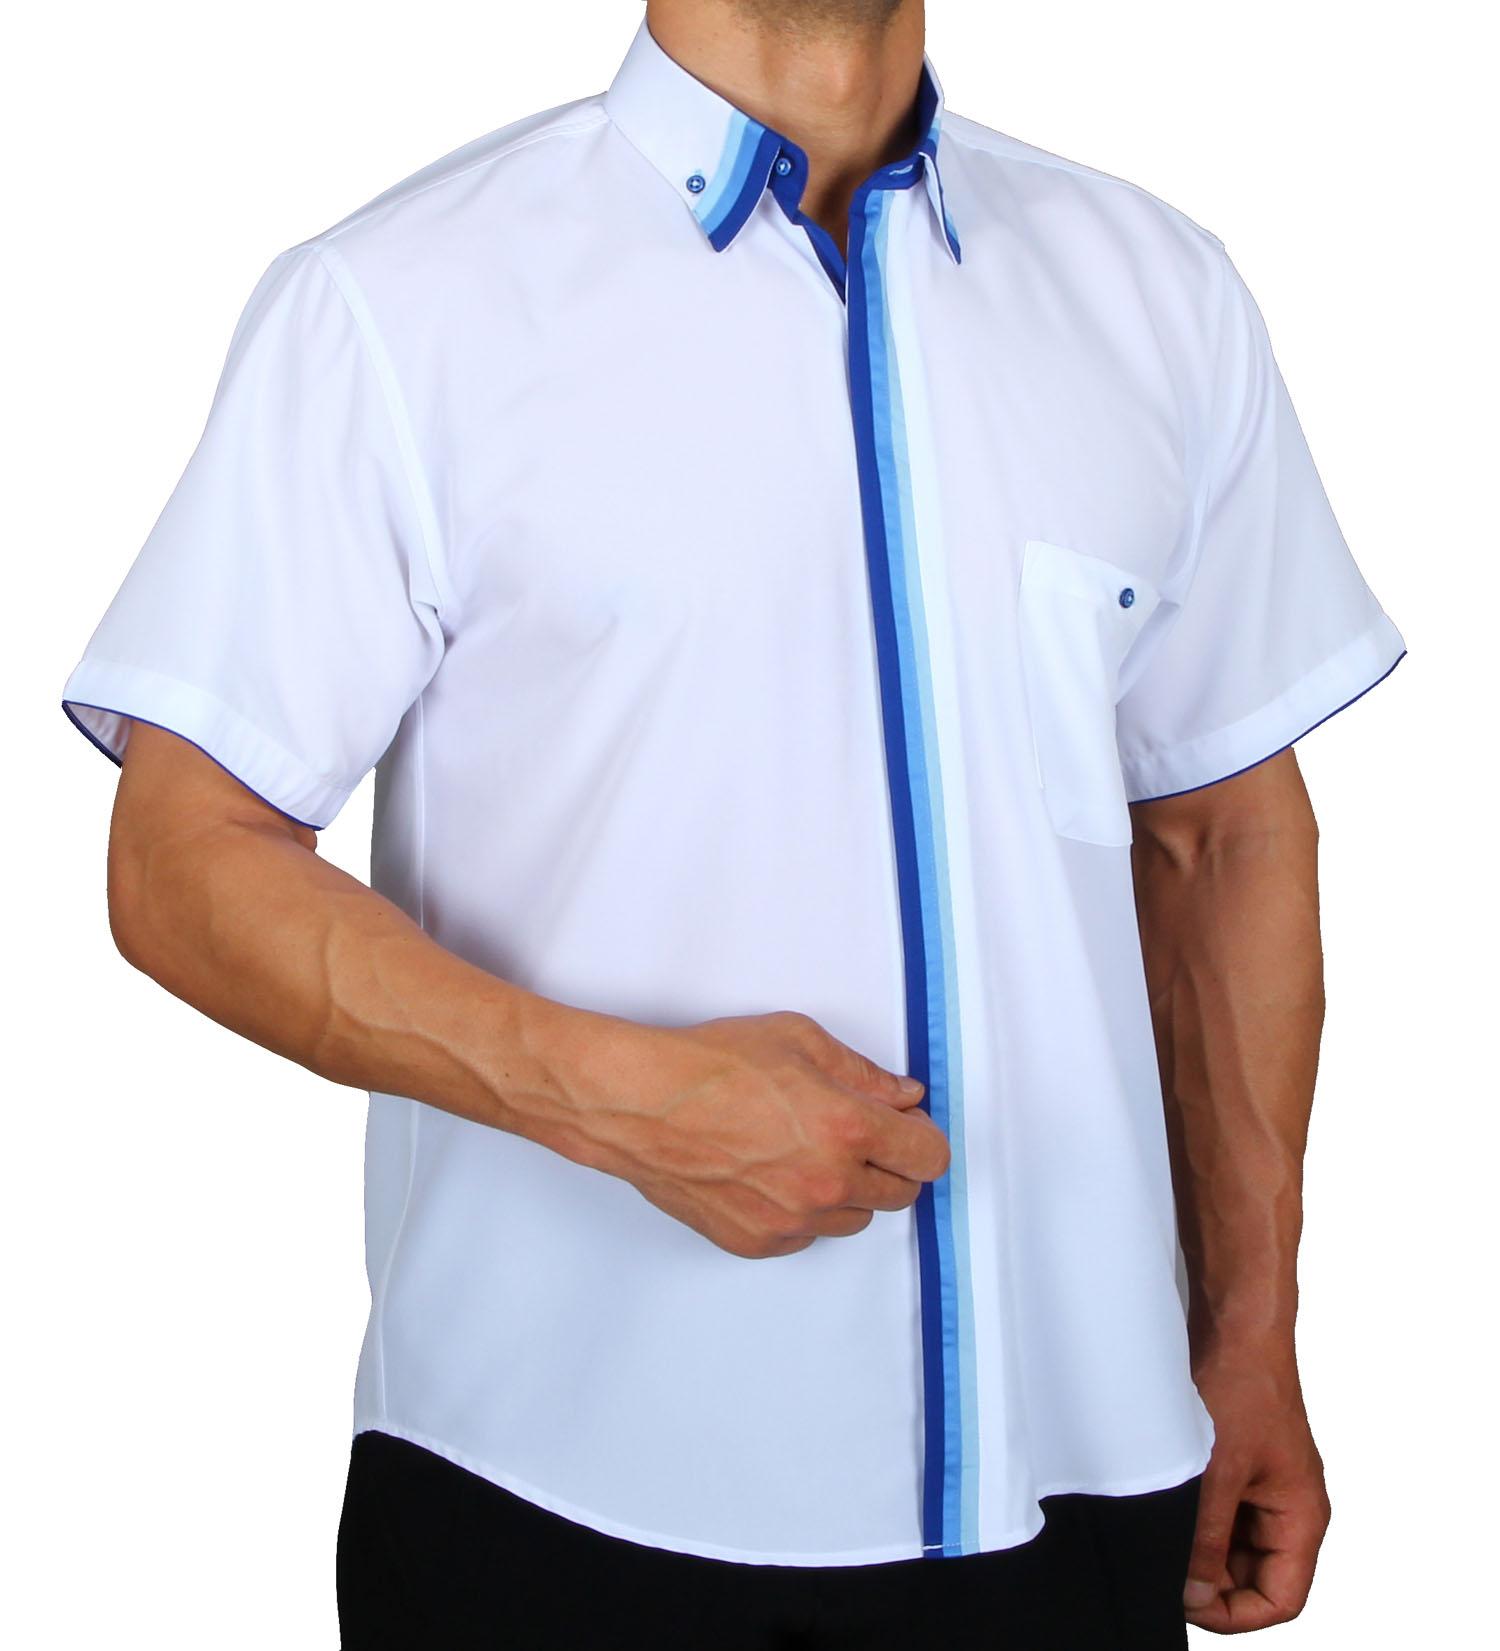 H.K. Mandel Kreative Mode für Männer - extravagante hemden ... fa2a0b0a25